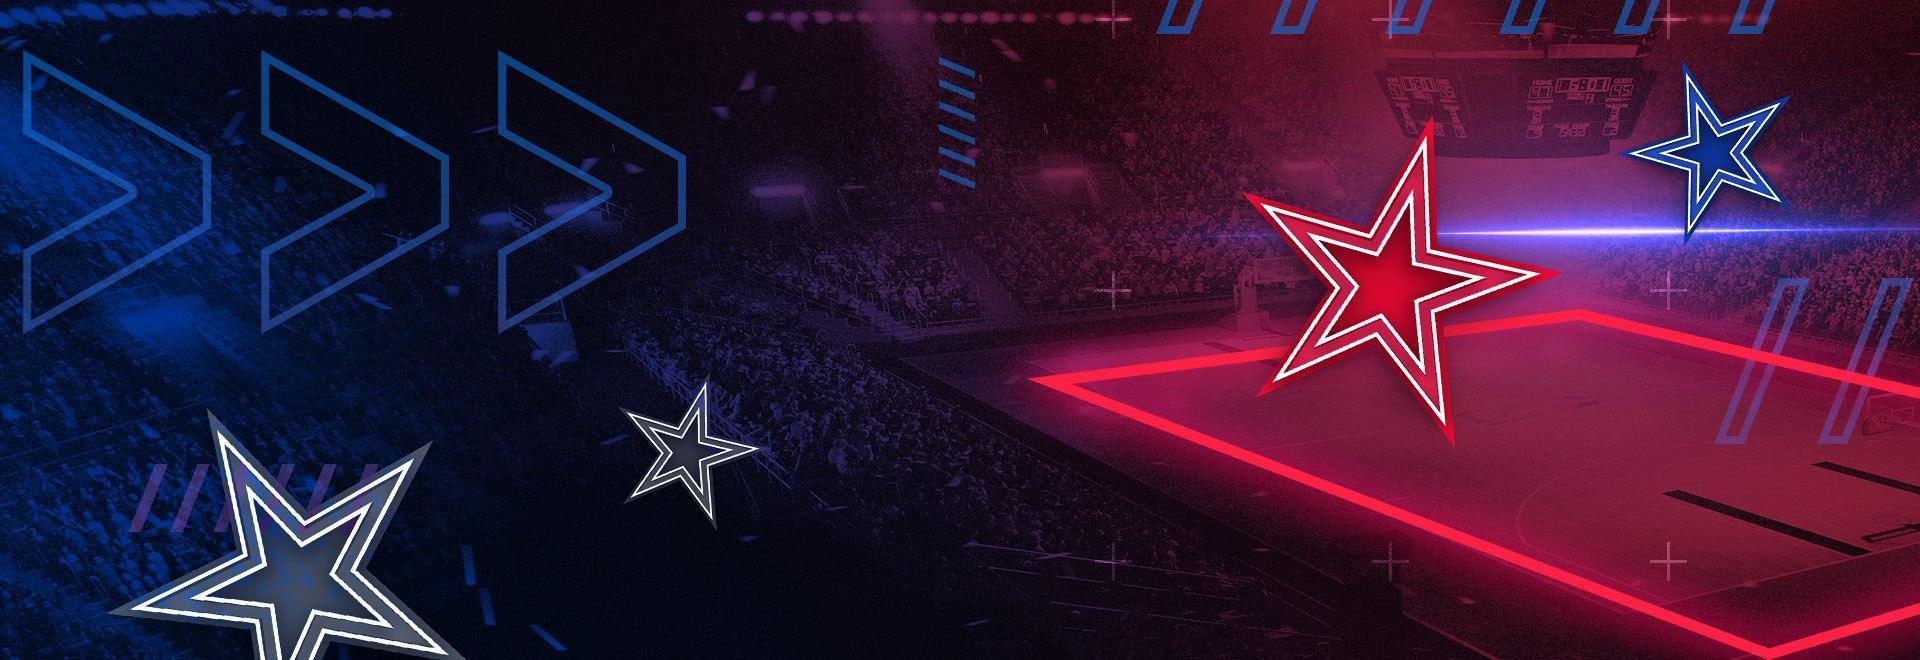 All Star Saturday 2017